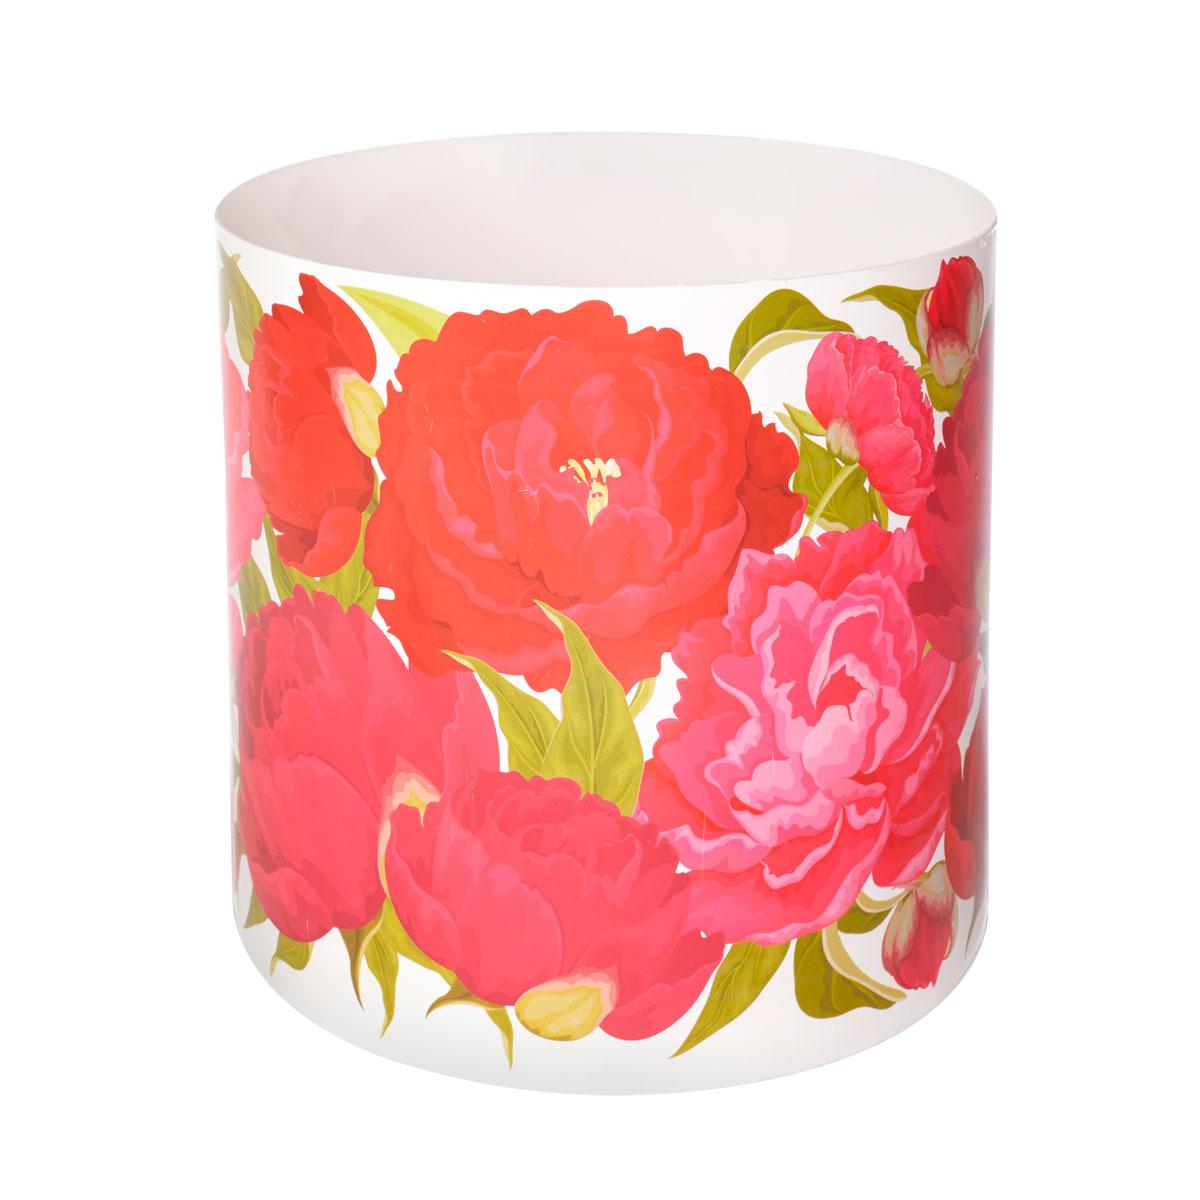 Горшок для цветов Miolla Пионы со скрытым поддоном, 1лSMG-22Декоративный горшочек Miolla c 3D рисунком. Хорошо будут смотреться как основа для топиариев и флористических композиций. А так же замечательно для комнатных цветов. Со скрытым поддоном.